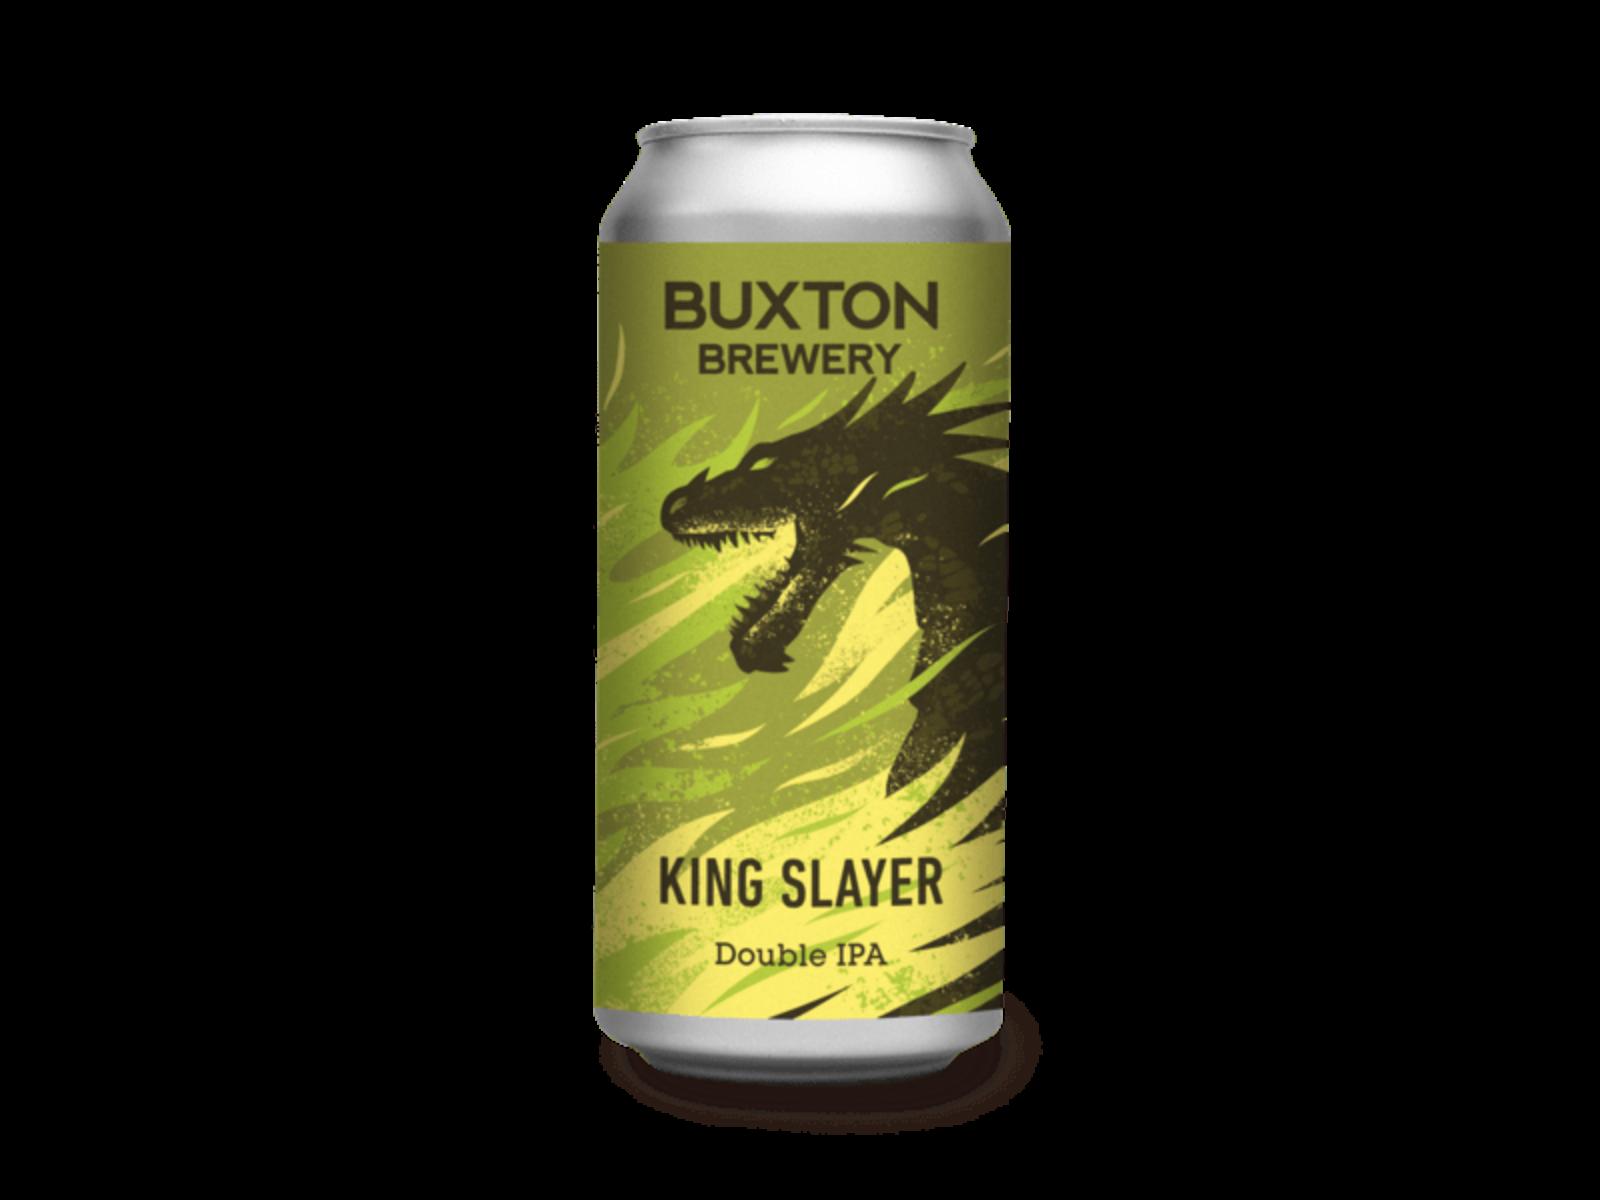 Buxton King Slayer - DIPA